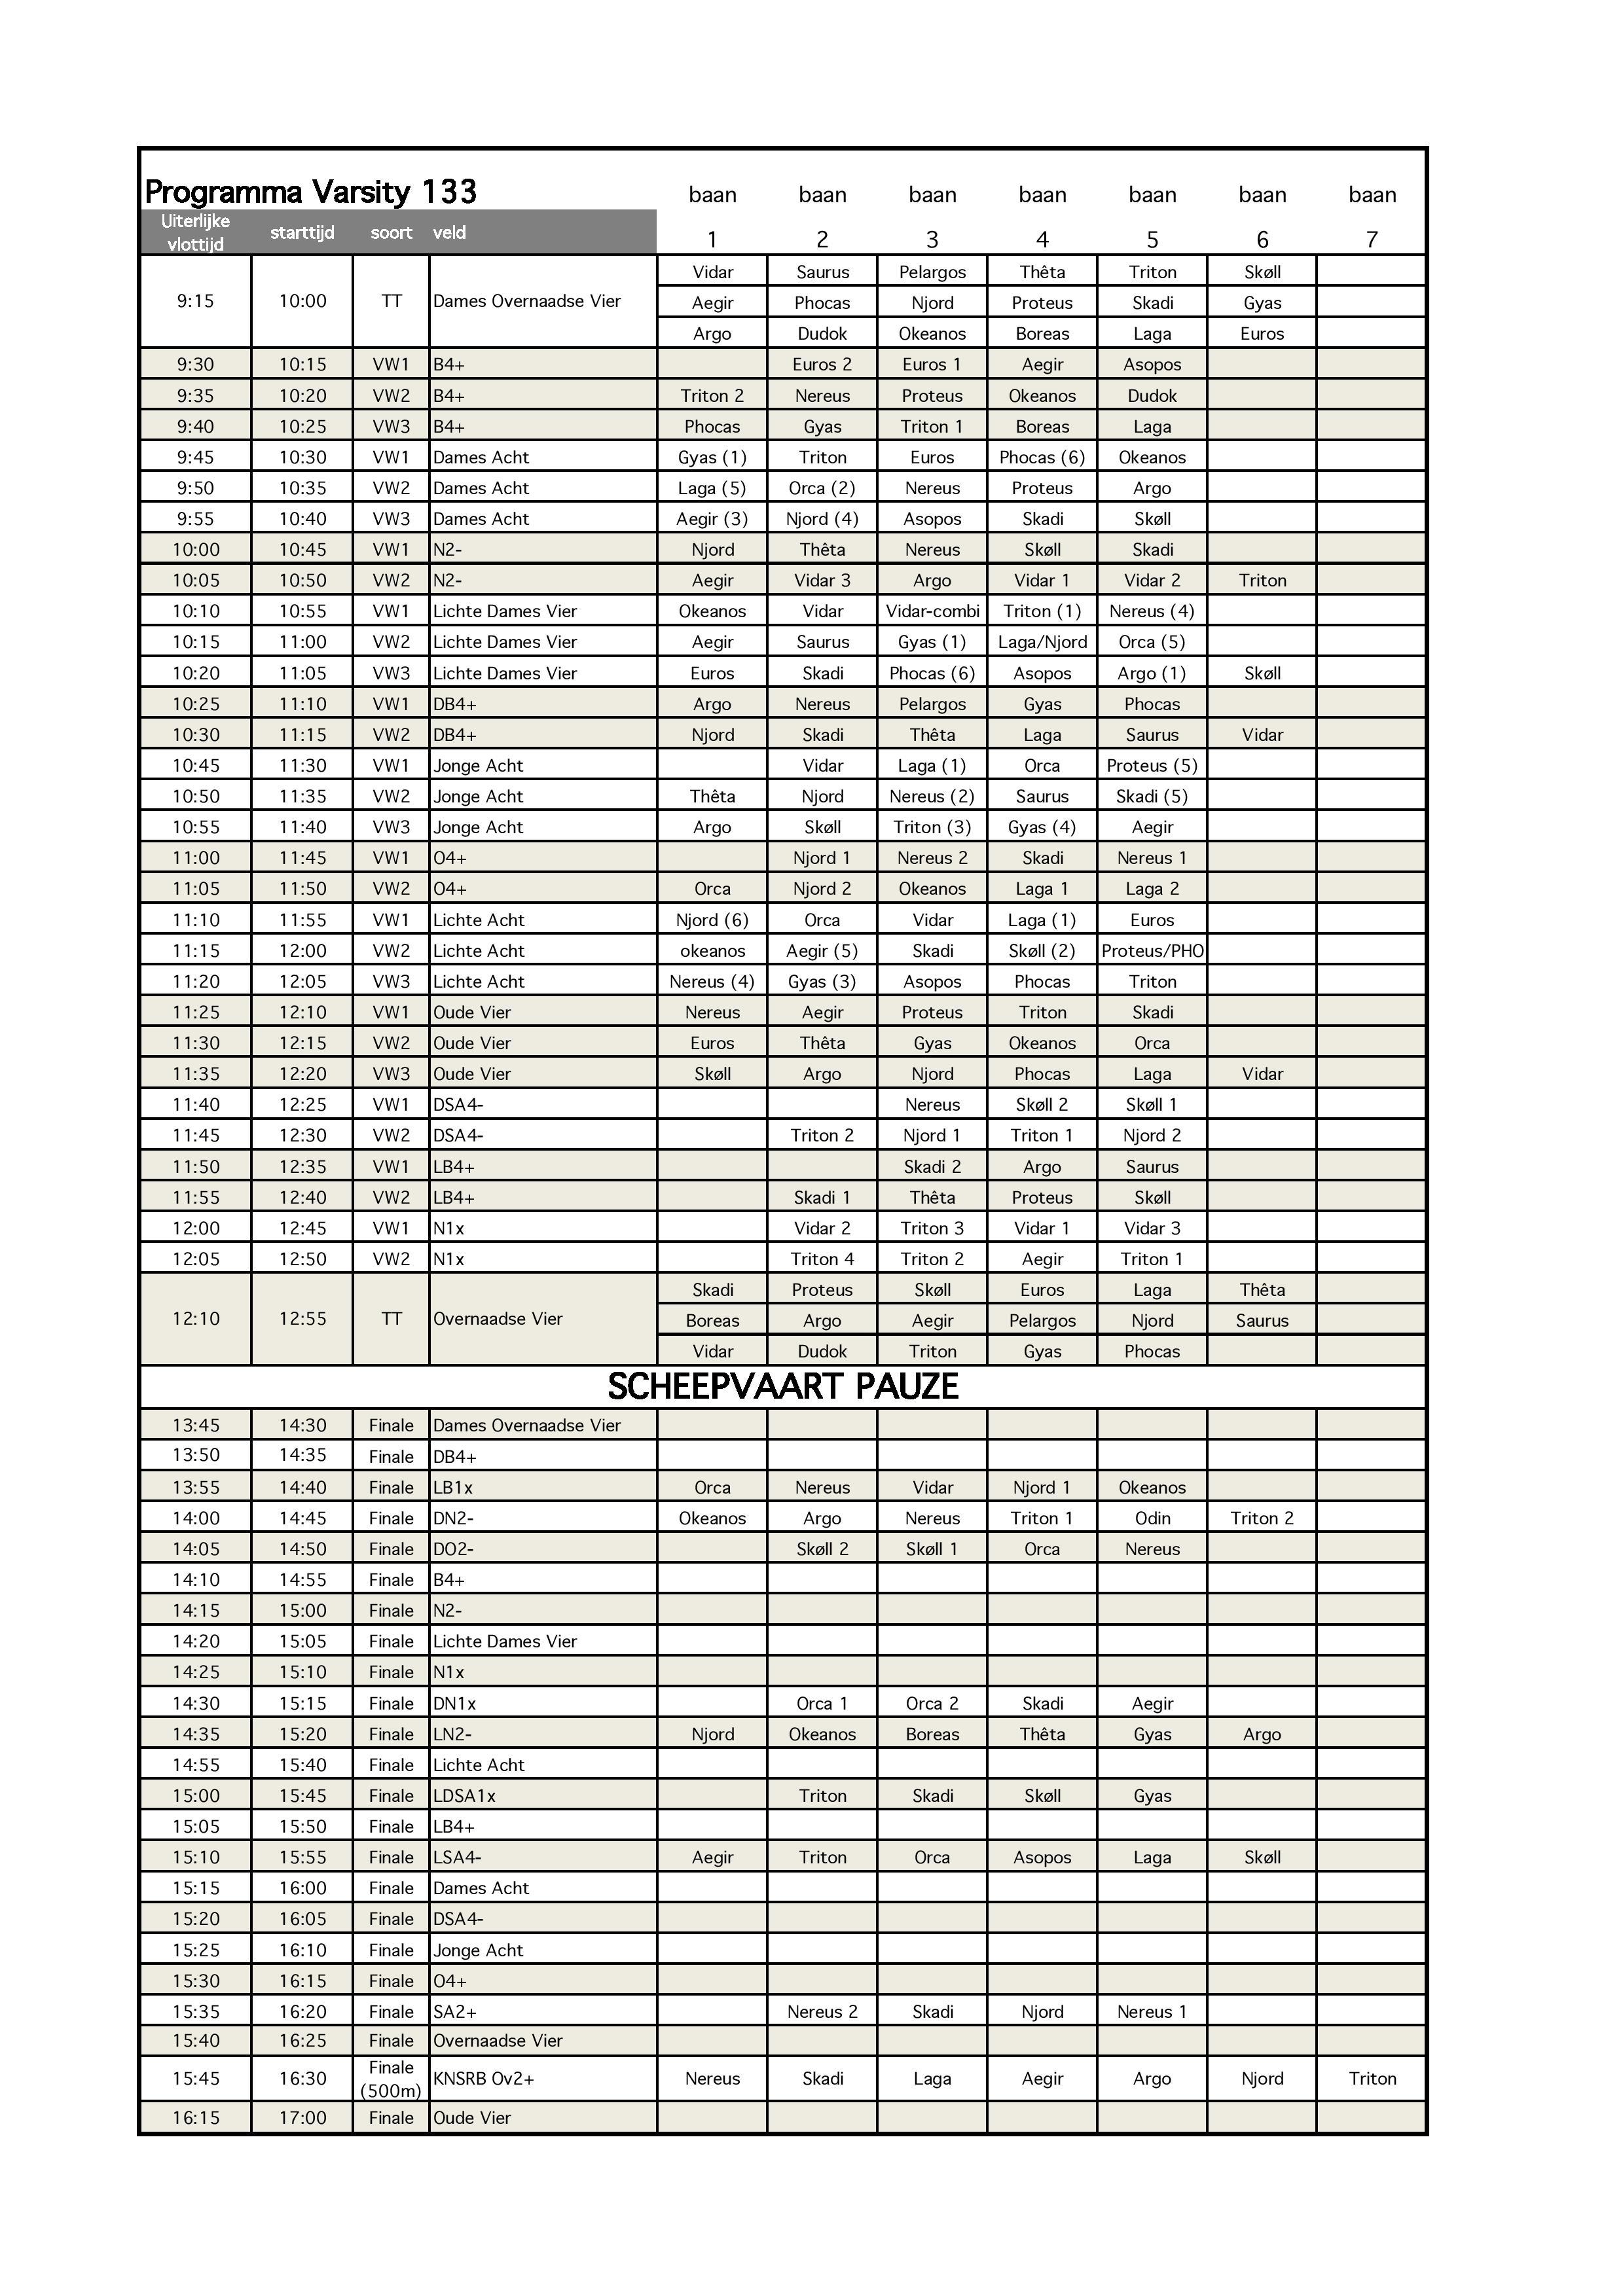 Definitief_tijdschema_V133-page-001